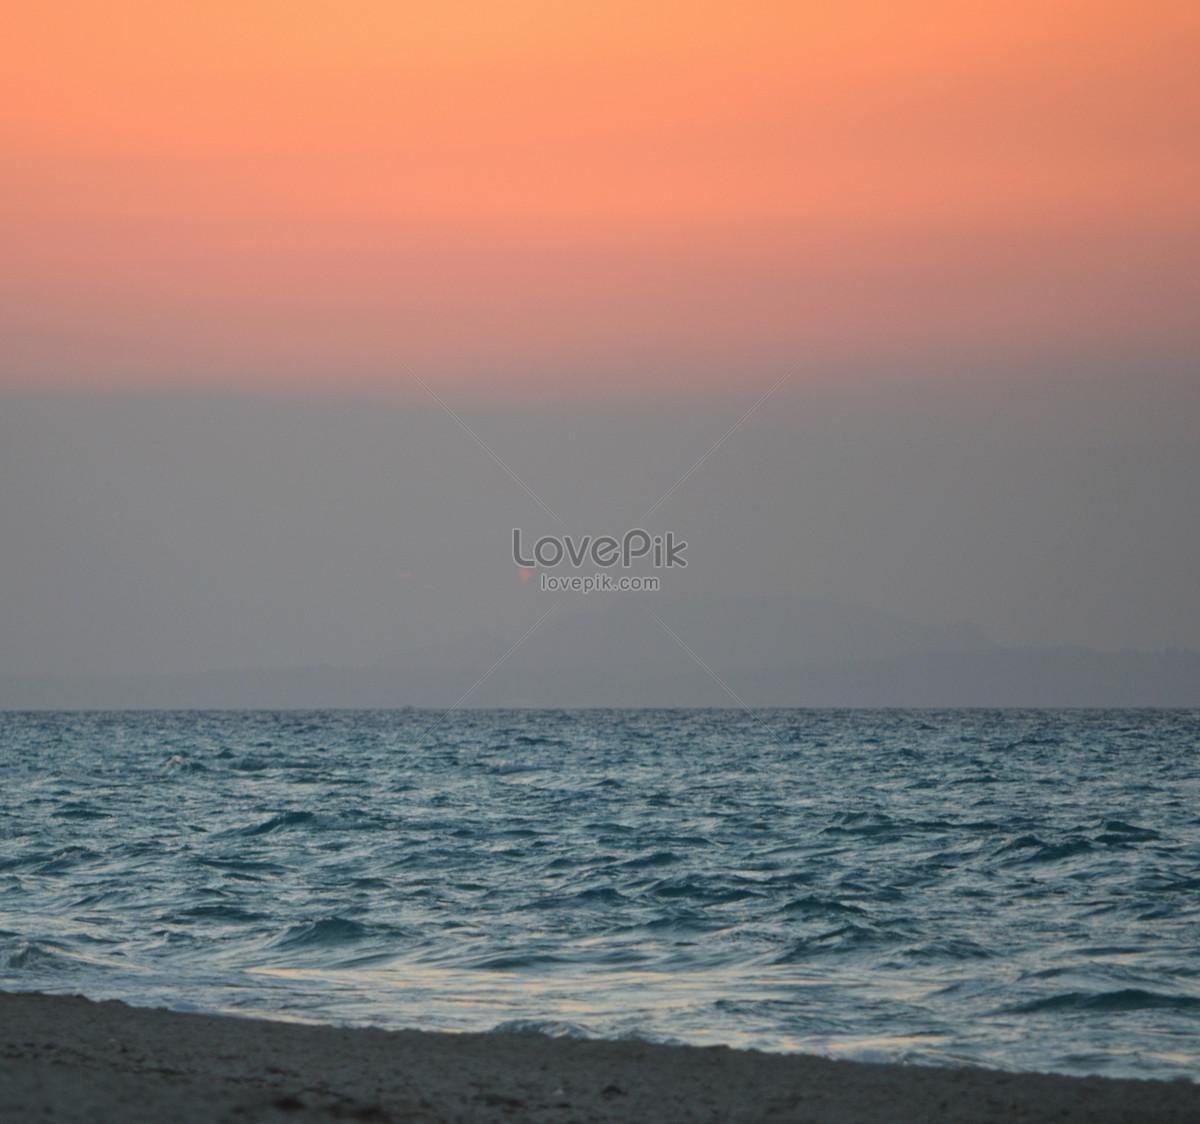 Pemandangan Laut Senja Gambar Unduh Gratisimej 100310828format